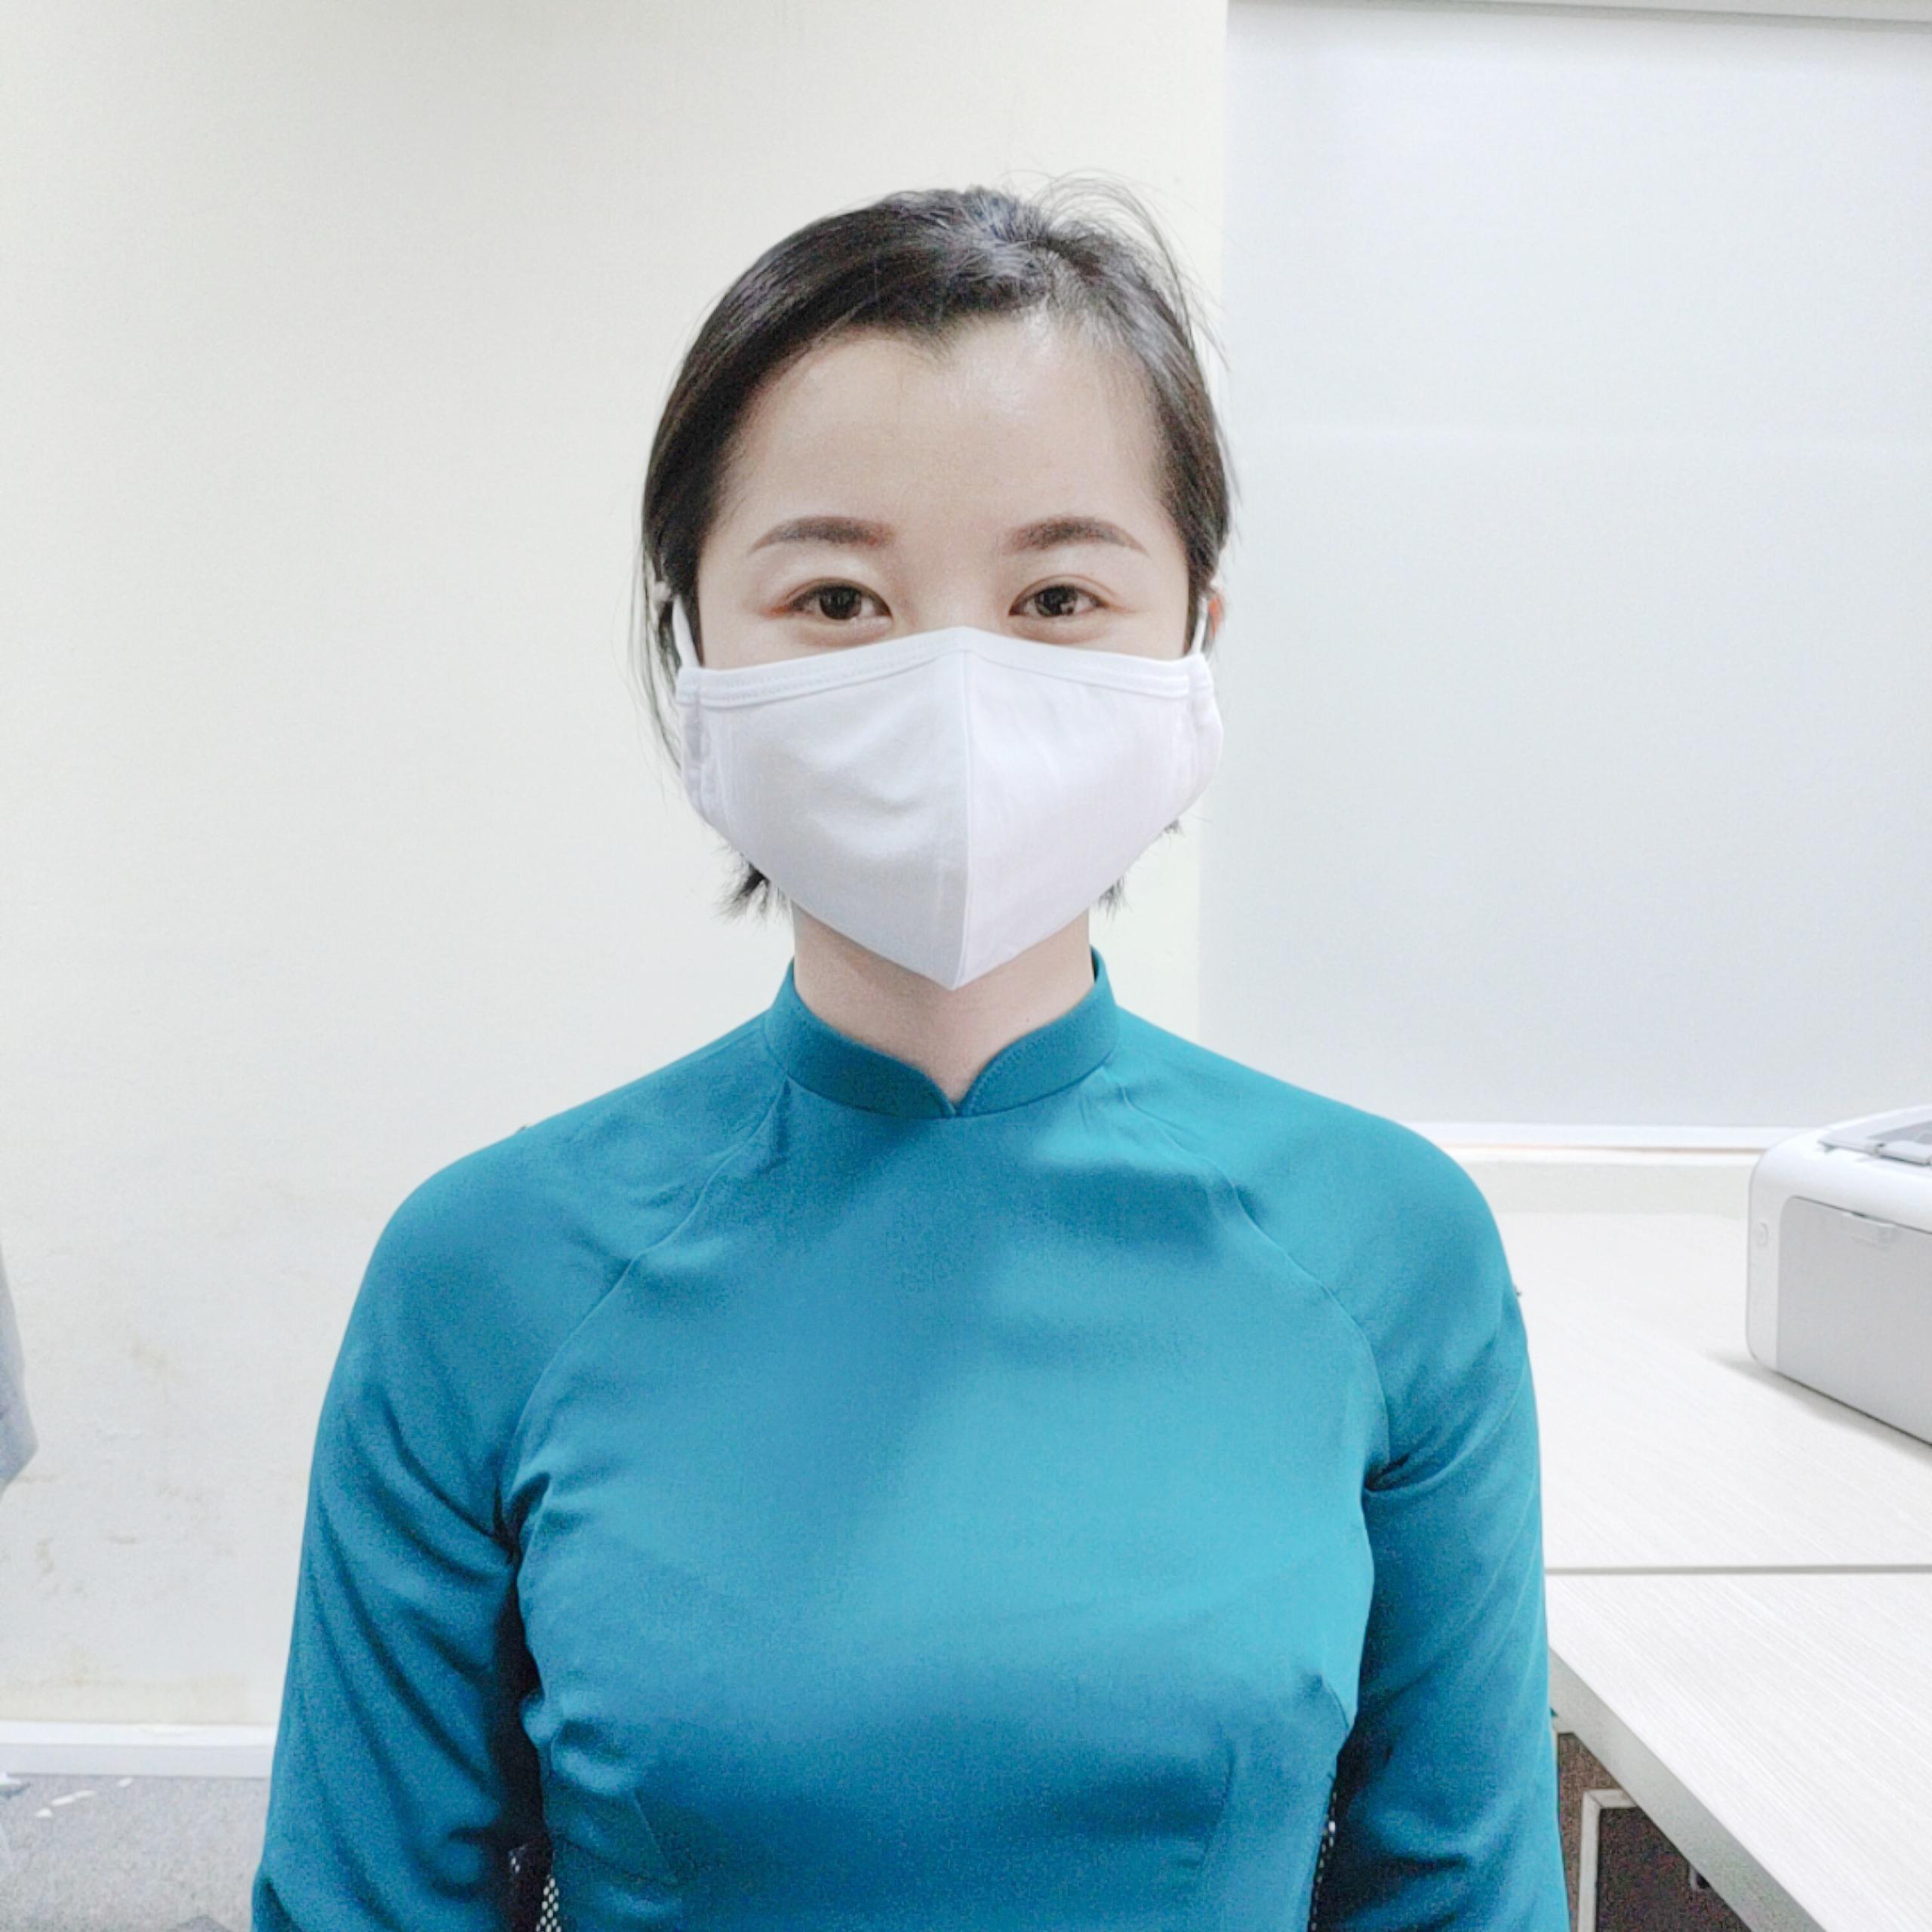 Khẩu trang vải kháng khuẩn 2 lớp paltex - combo 10 chiếc